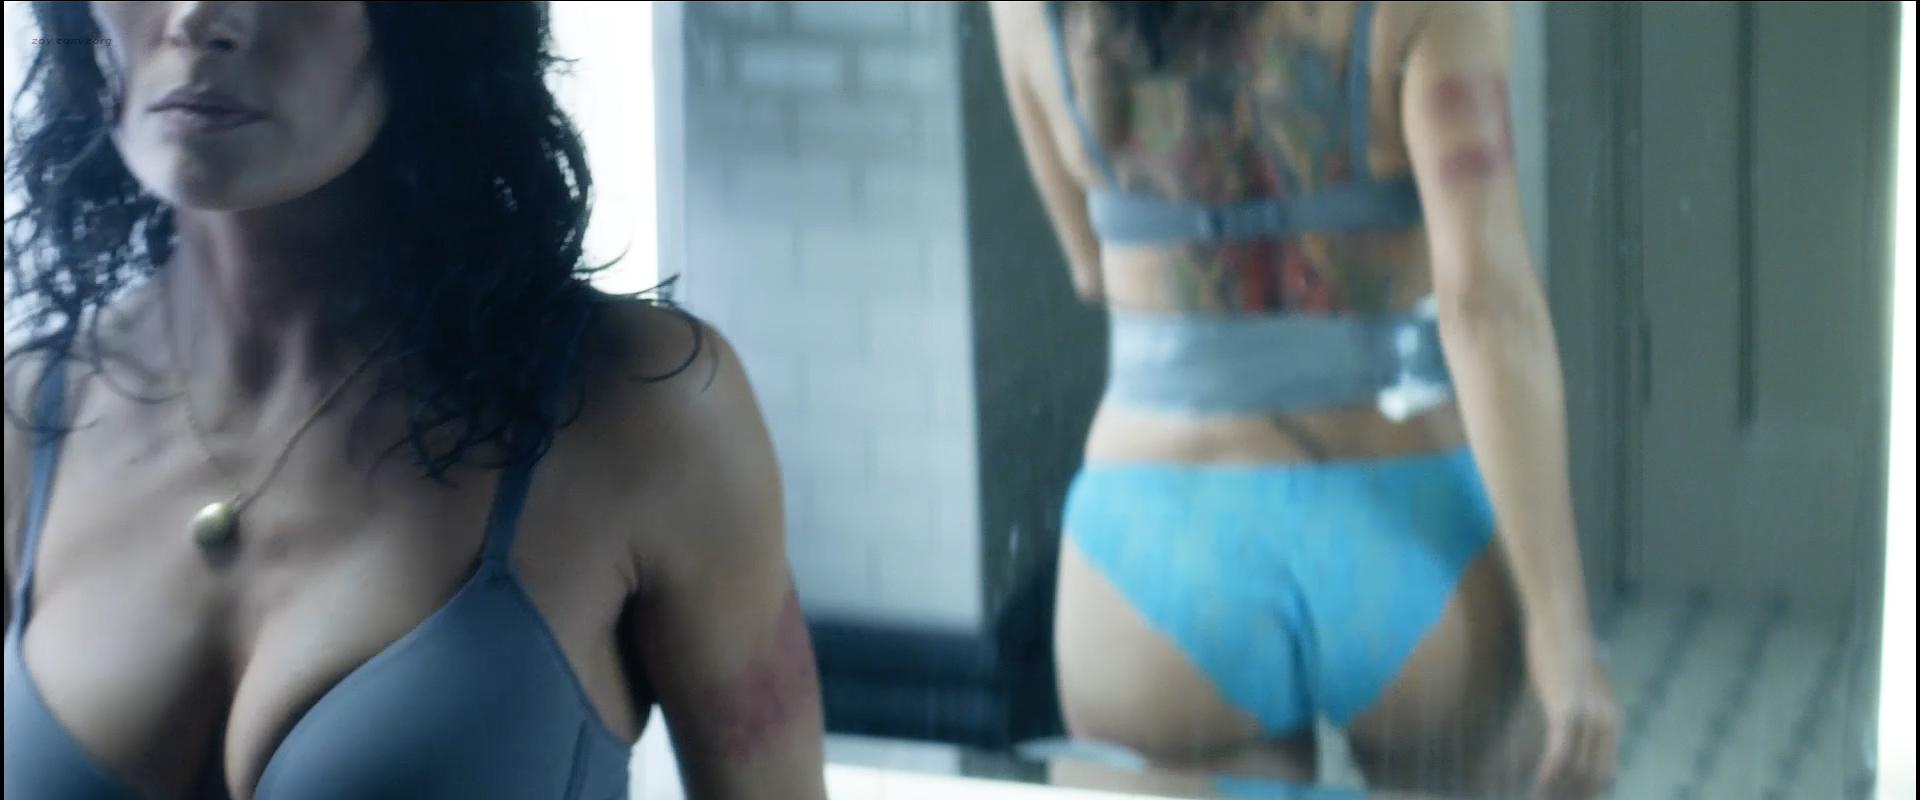 Salma hayek nude butt